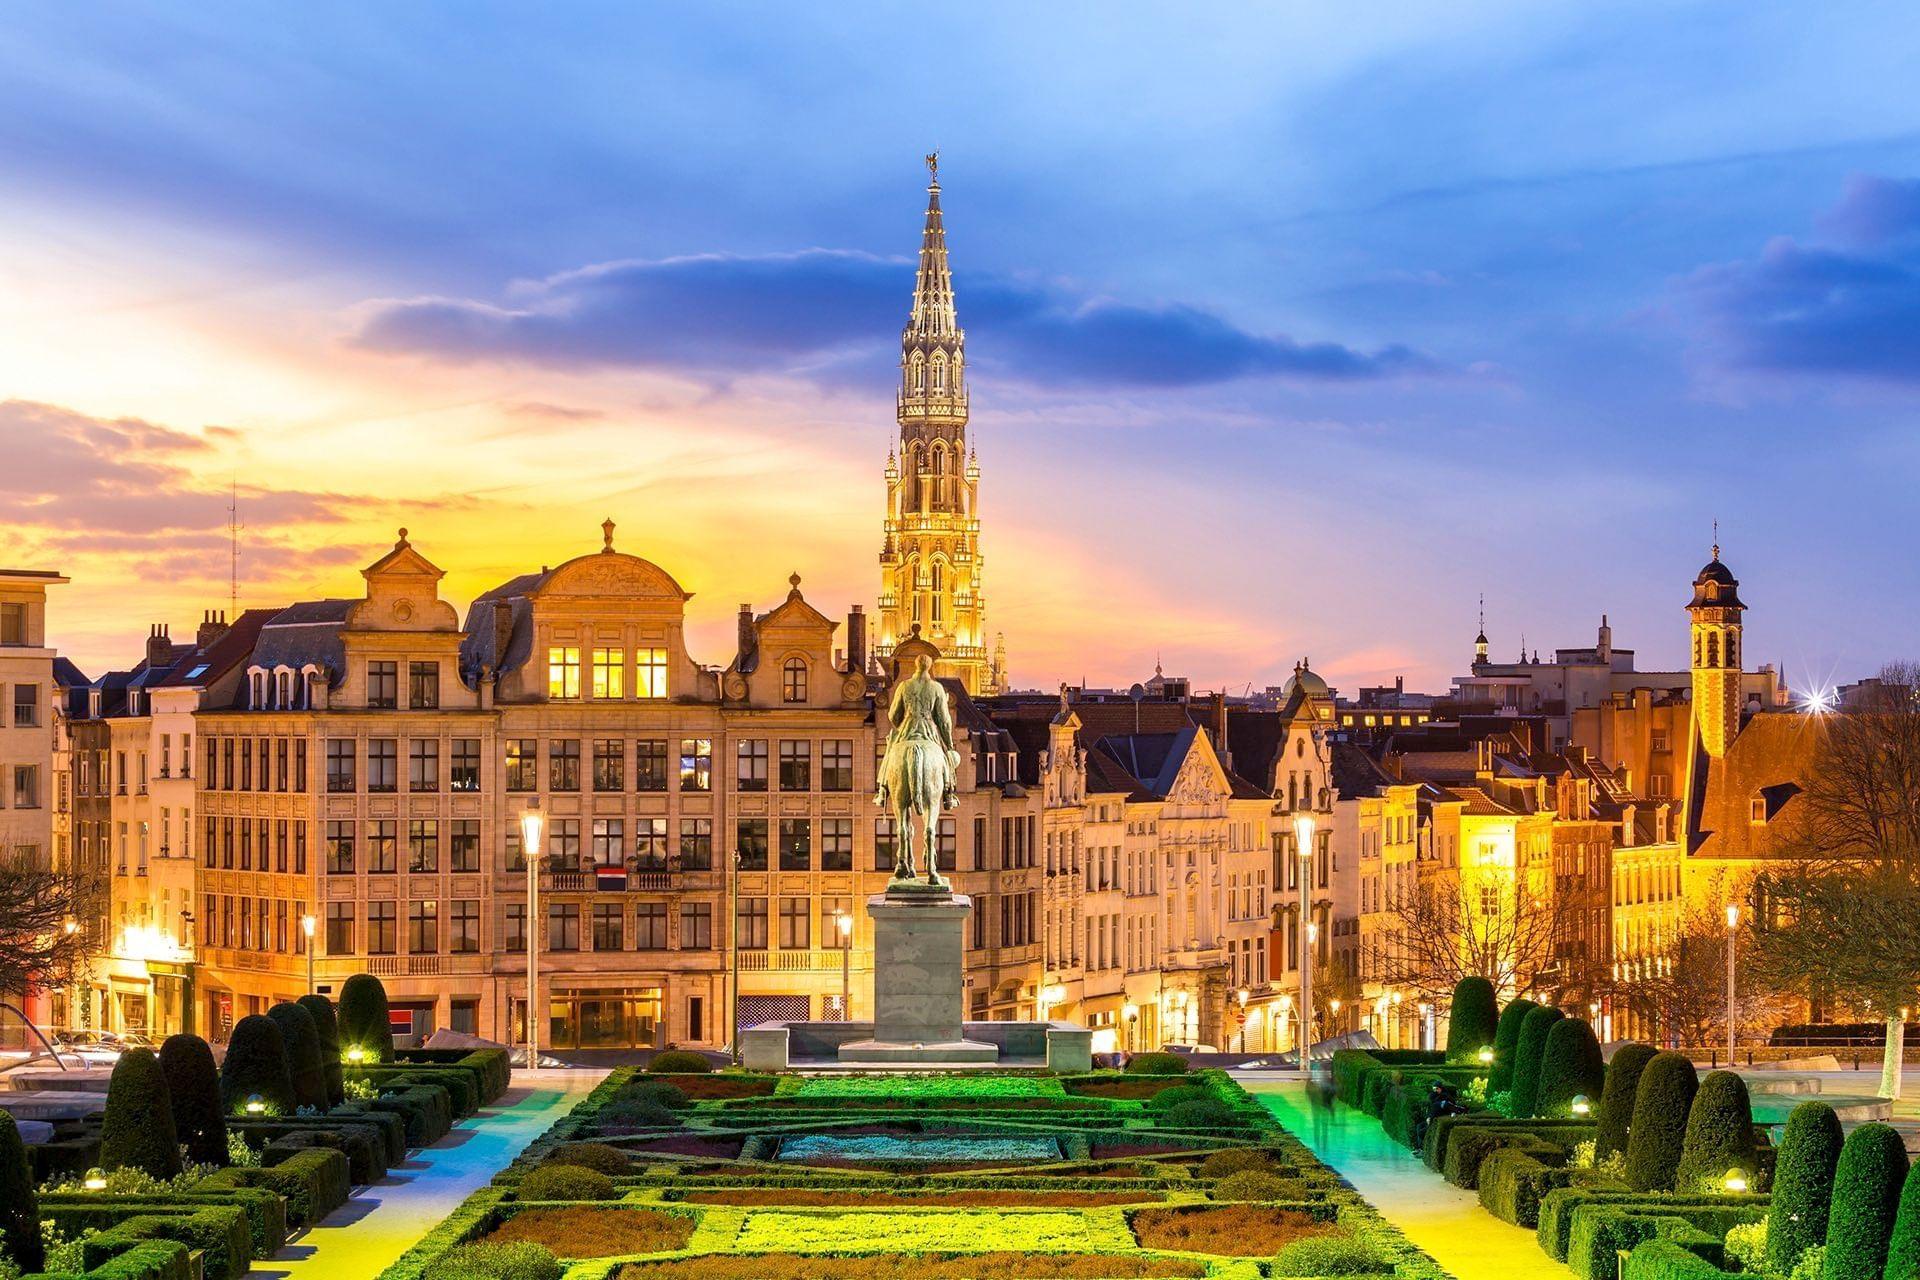 Brussel uitzicht Kunstberg